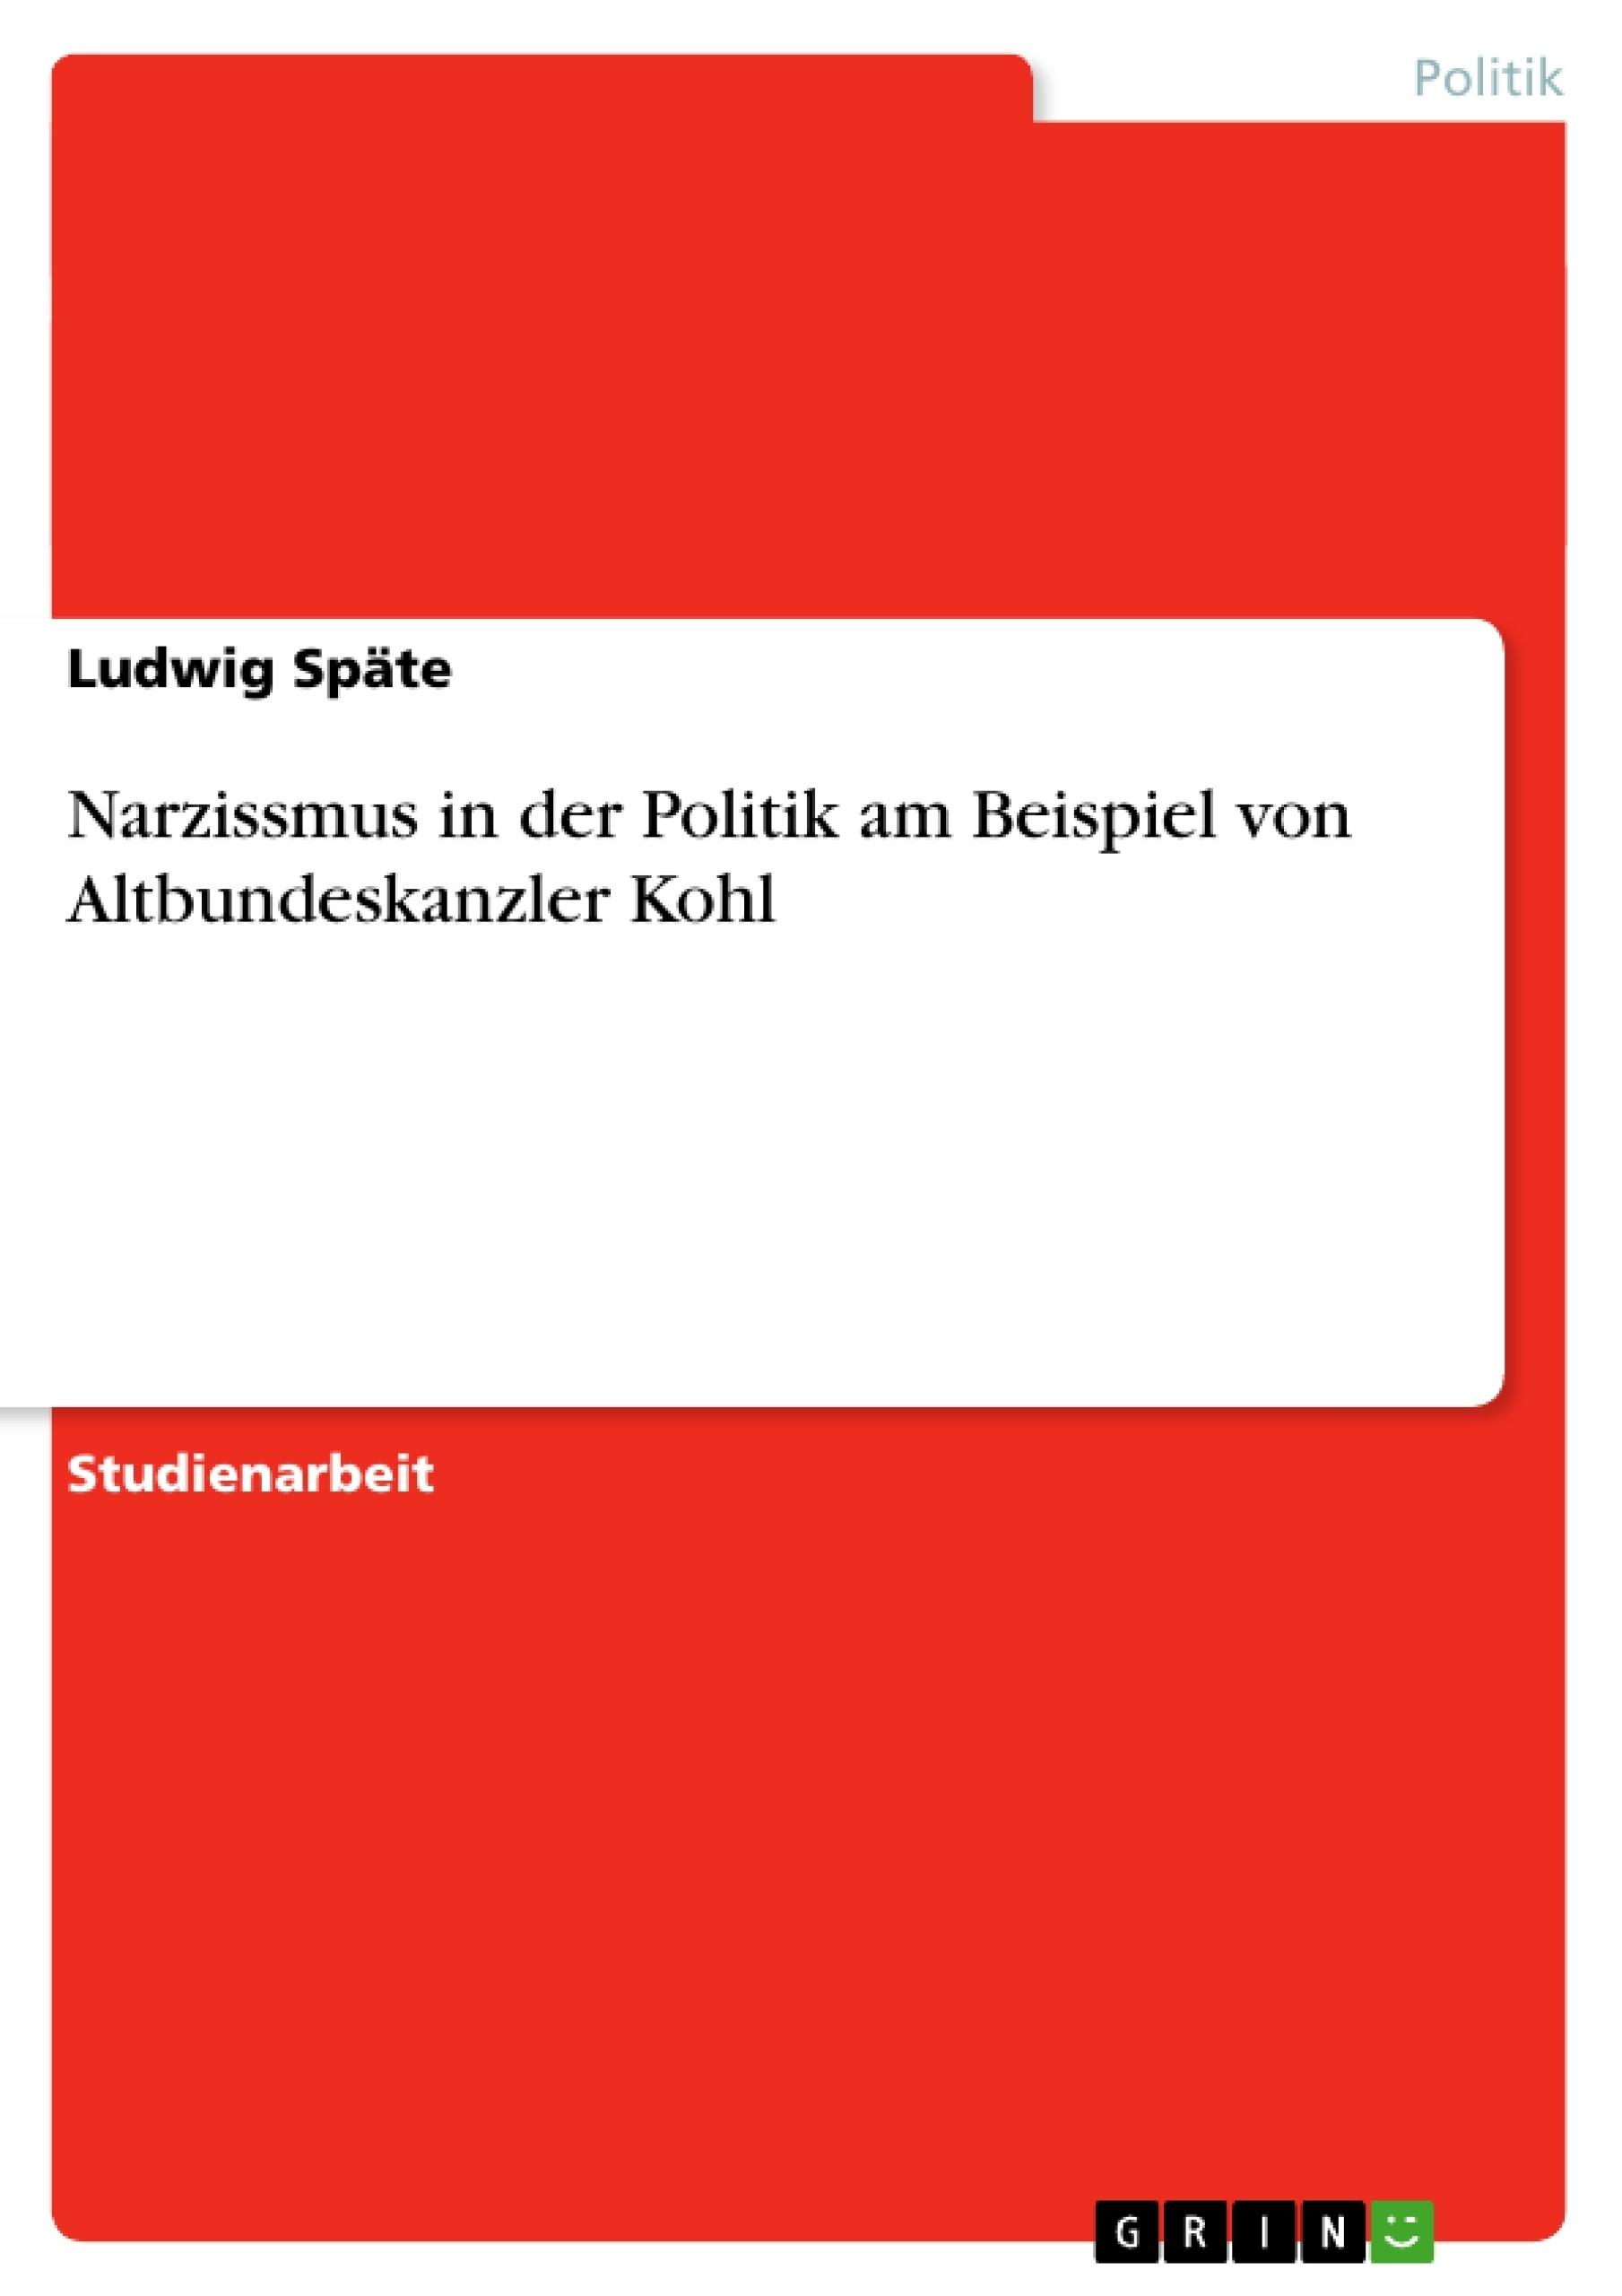 Titel: Narzissmus in der Politik am Beispiel von Altbundeskanzler Kohl